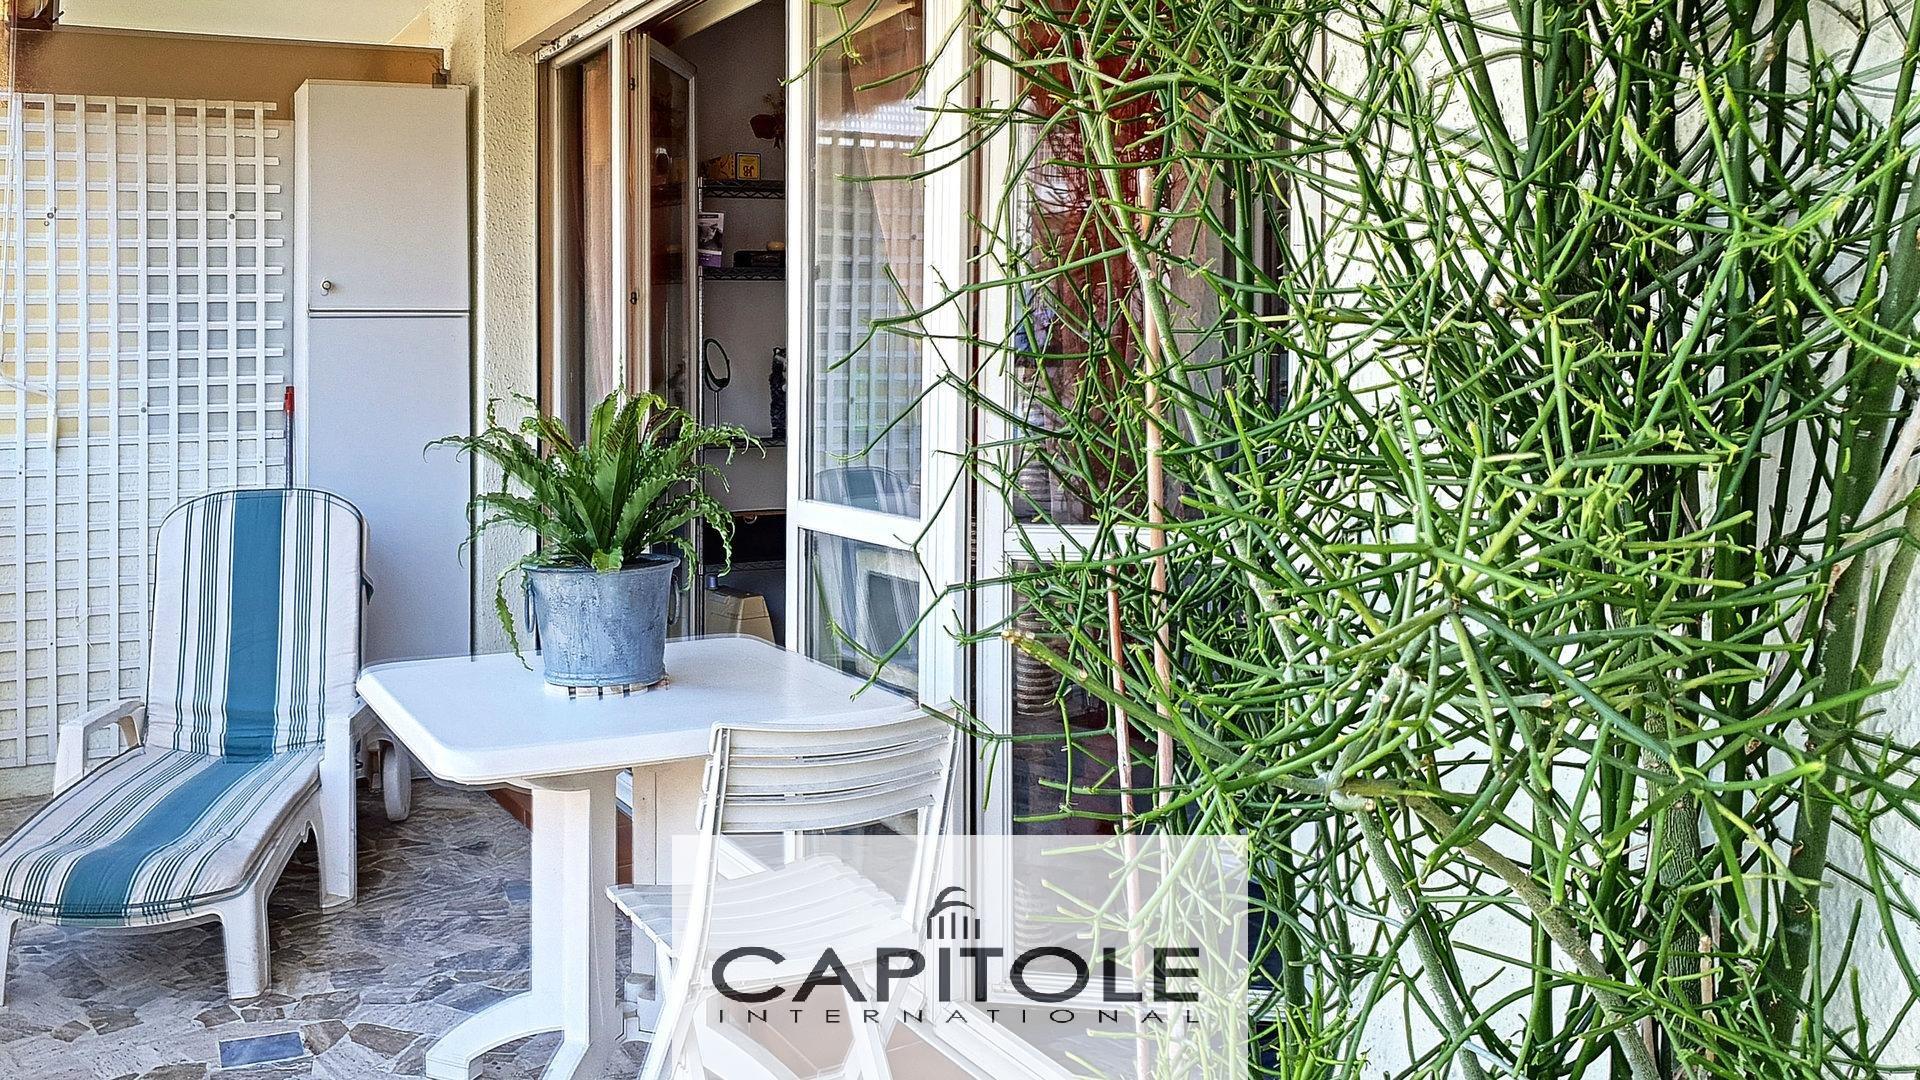 A vendre, Juan-Les-Pins, appartement 2 pièces, dernier étage, terrasse, garage, cave